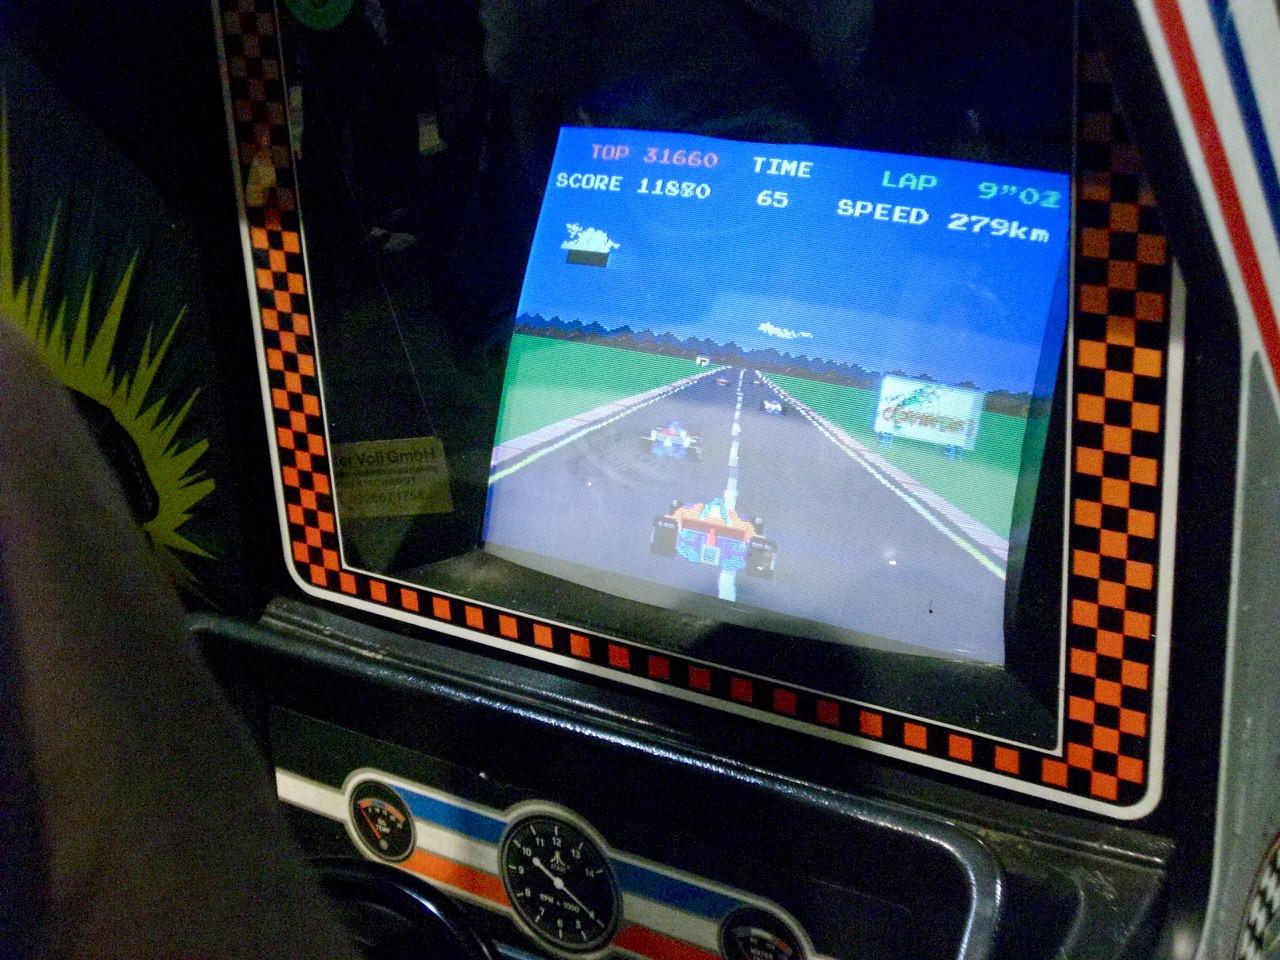 Der Arcade-Automat Pole Position von Atari. (Bild: André Eymann)